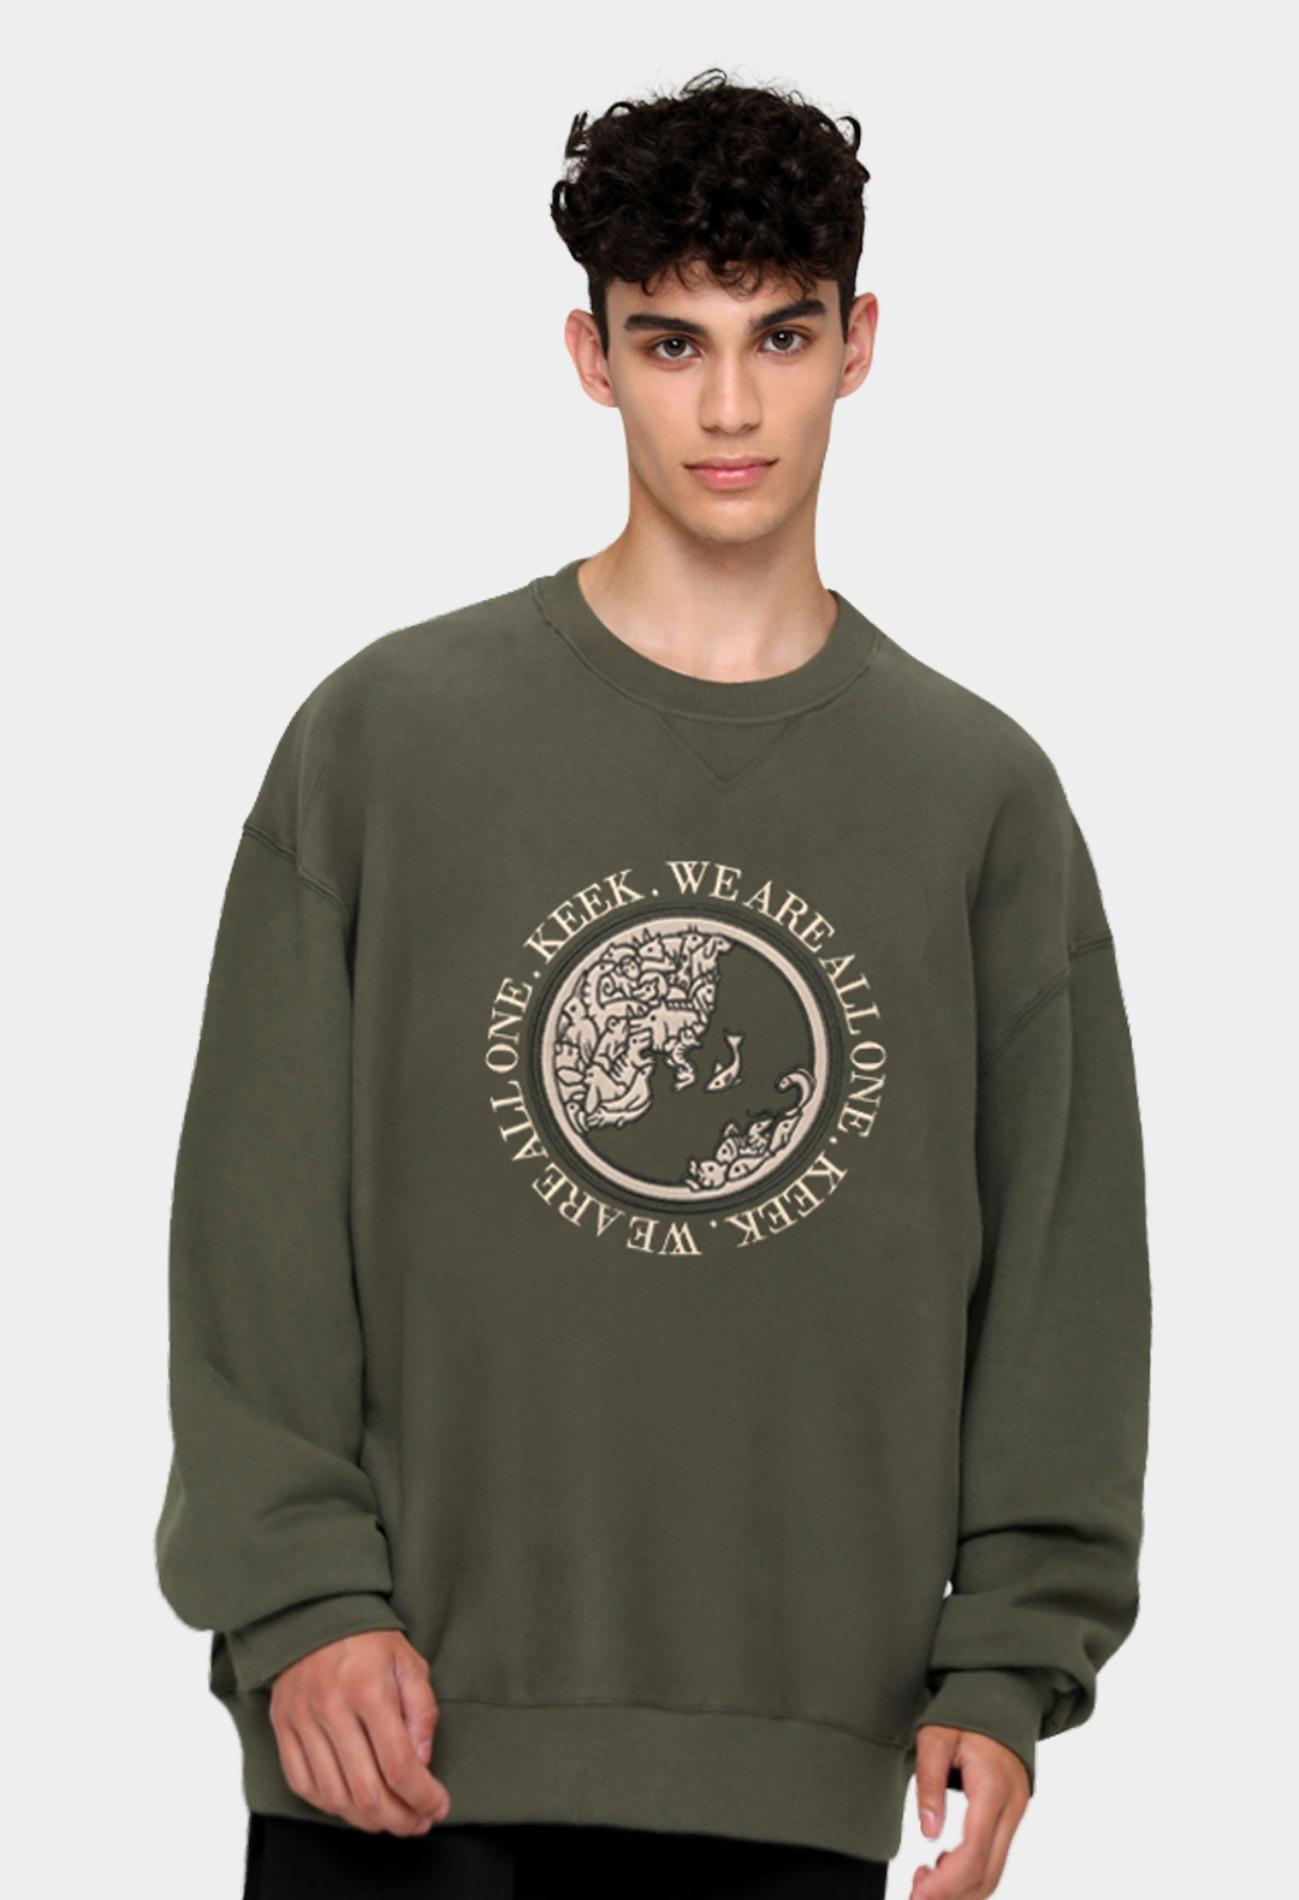 keek [Unisex] Earth Applique Sweatshirts - Khaki 스트릿패션 유니섹스브랜드 커플시밀러룩 남자쇼핑몰 여성의류쇼핑몰 후드티 힙색